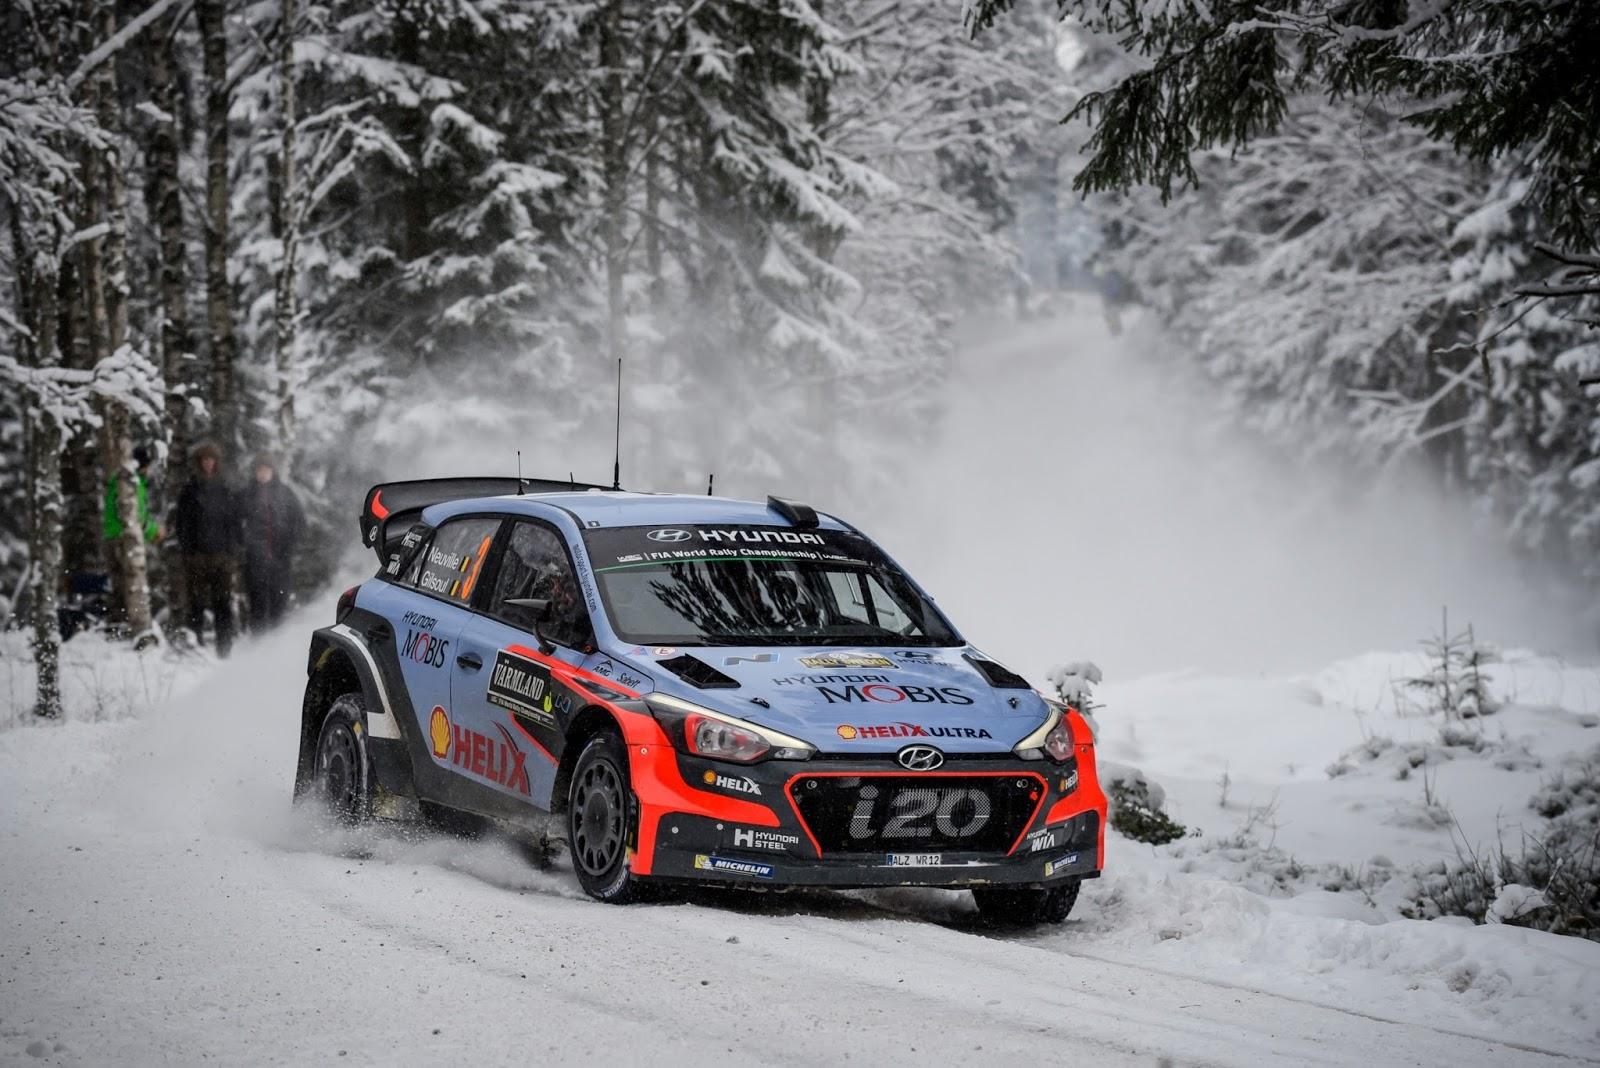 160215 WRC%2BSweden%2BPodium%2B2 Η Hyundai Motorsport κατέκτησε τη 2η θέση στο Ράλι Σουηδίας Hyundai, Hyundai i20, Hyundai i20 WRC, Rally, videos, WRC